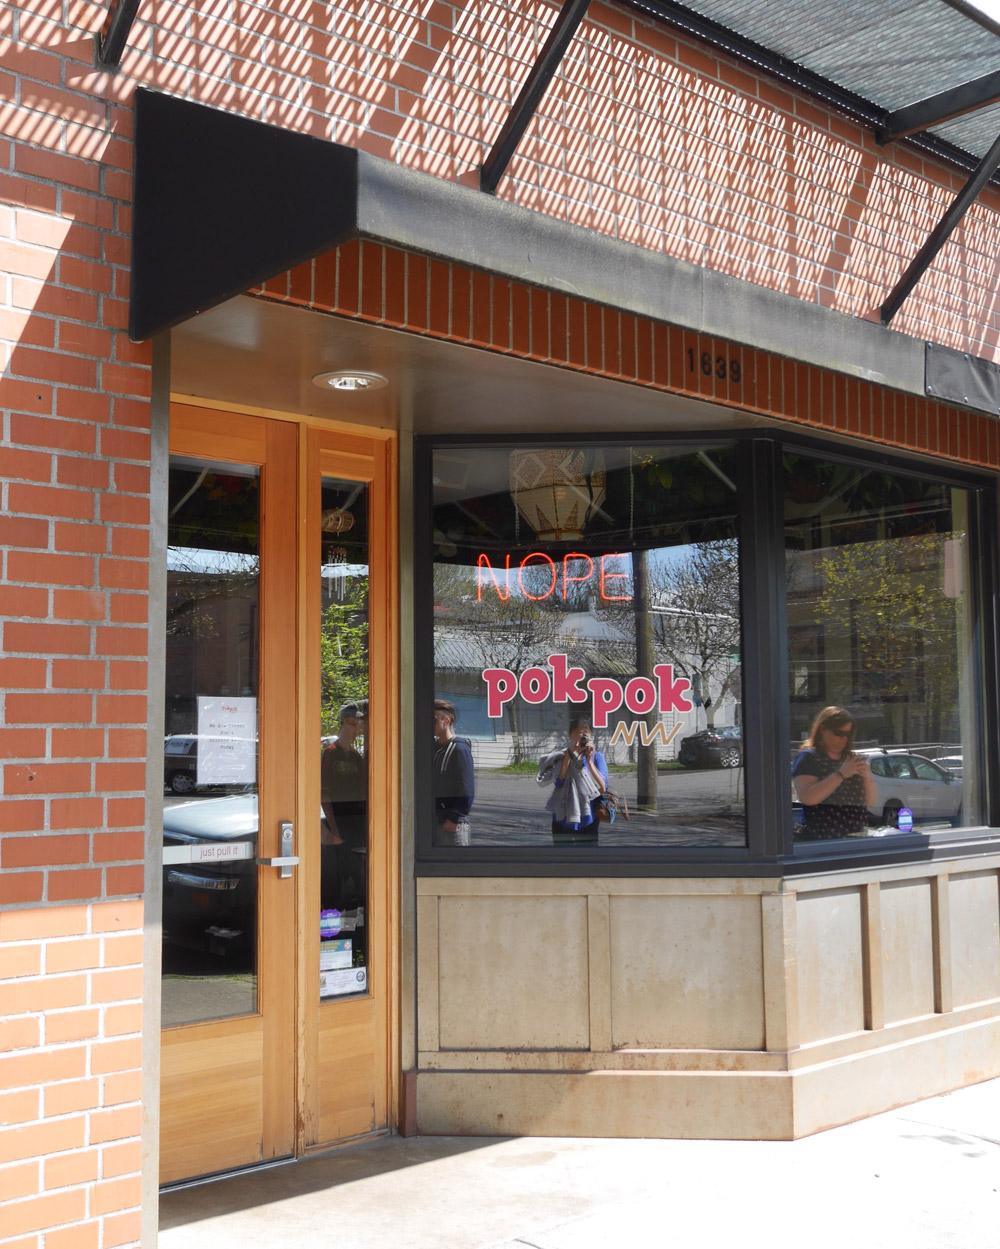 Pok Pok Northwest Portland, Oregon